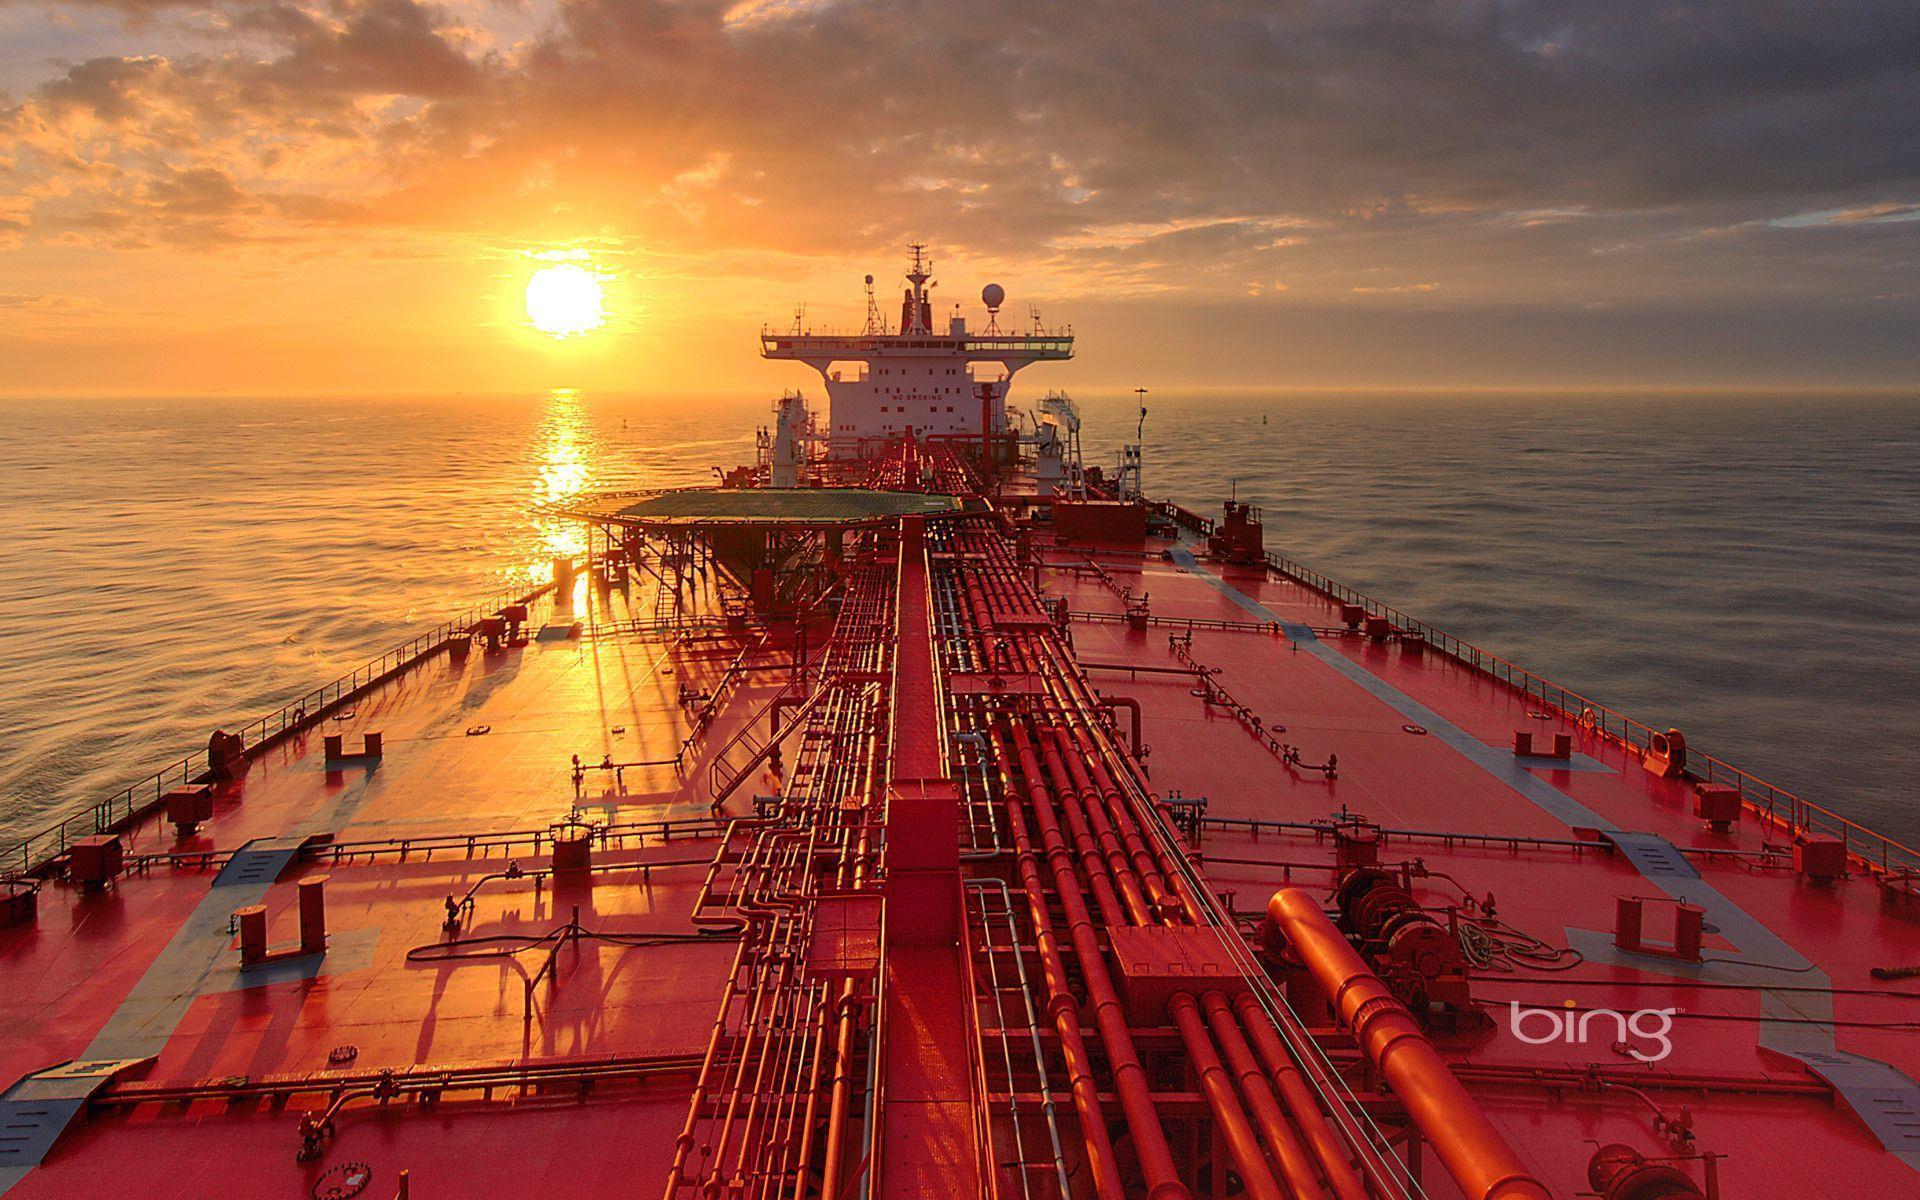 cargo holidays cargoholidays vessel ship holidays cruise holidays sea holiday 33 - Contact Us